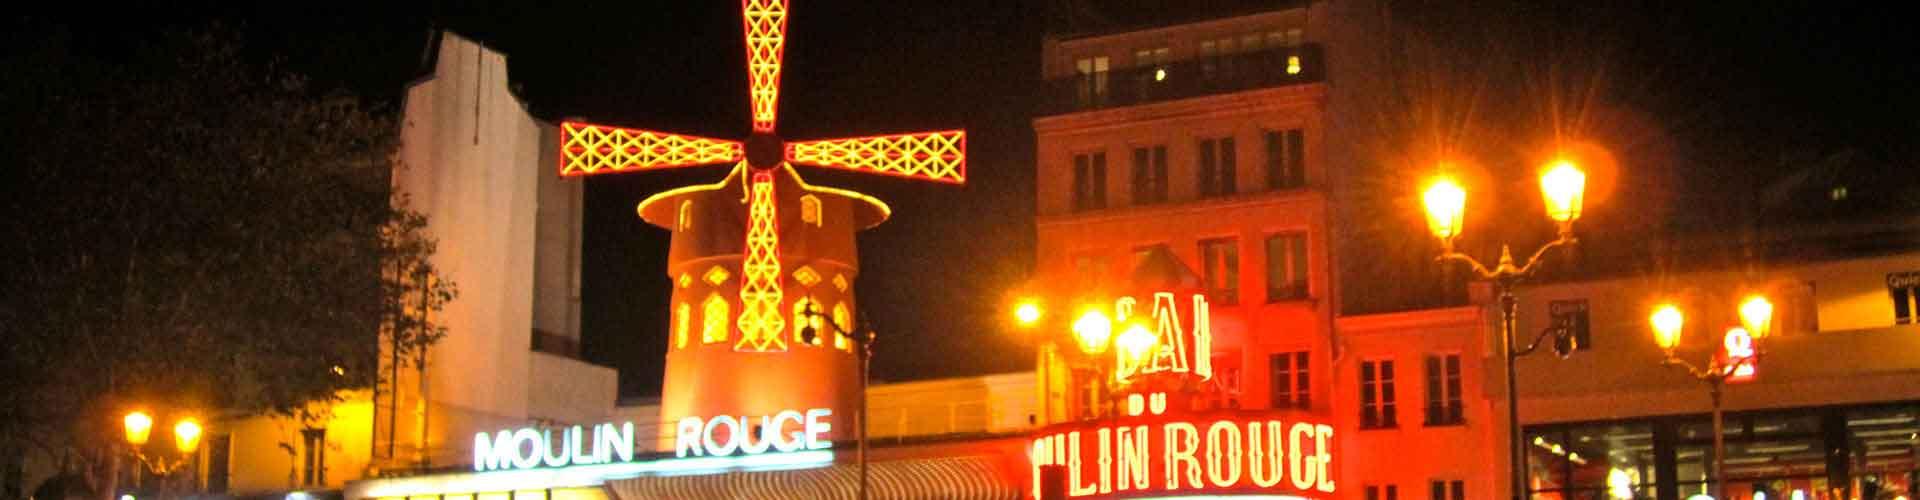 Paris – Albergues próximos a Moulin Rouge. Mapas para Paris, Fotos e Avaliações para cada Albergue em Paris.